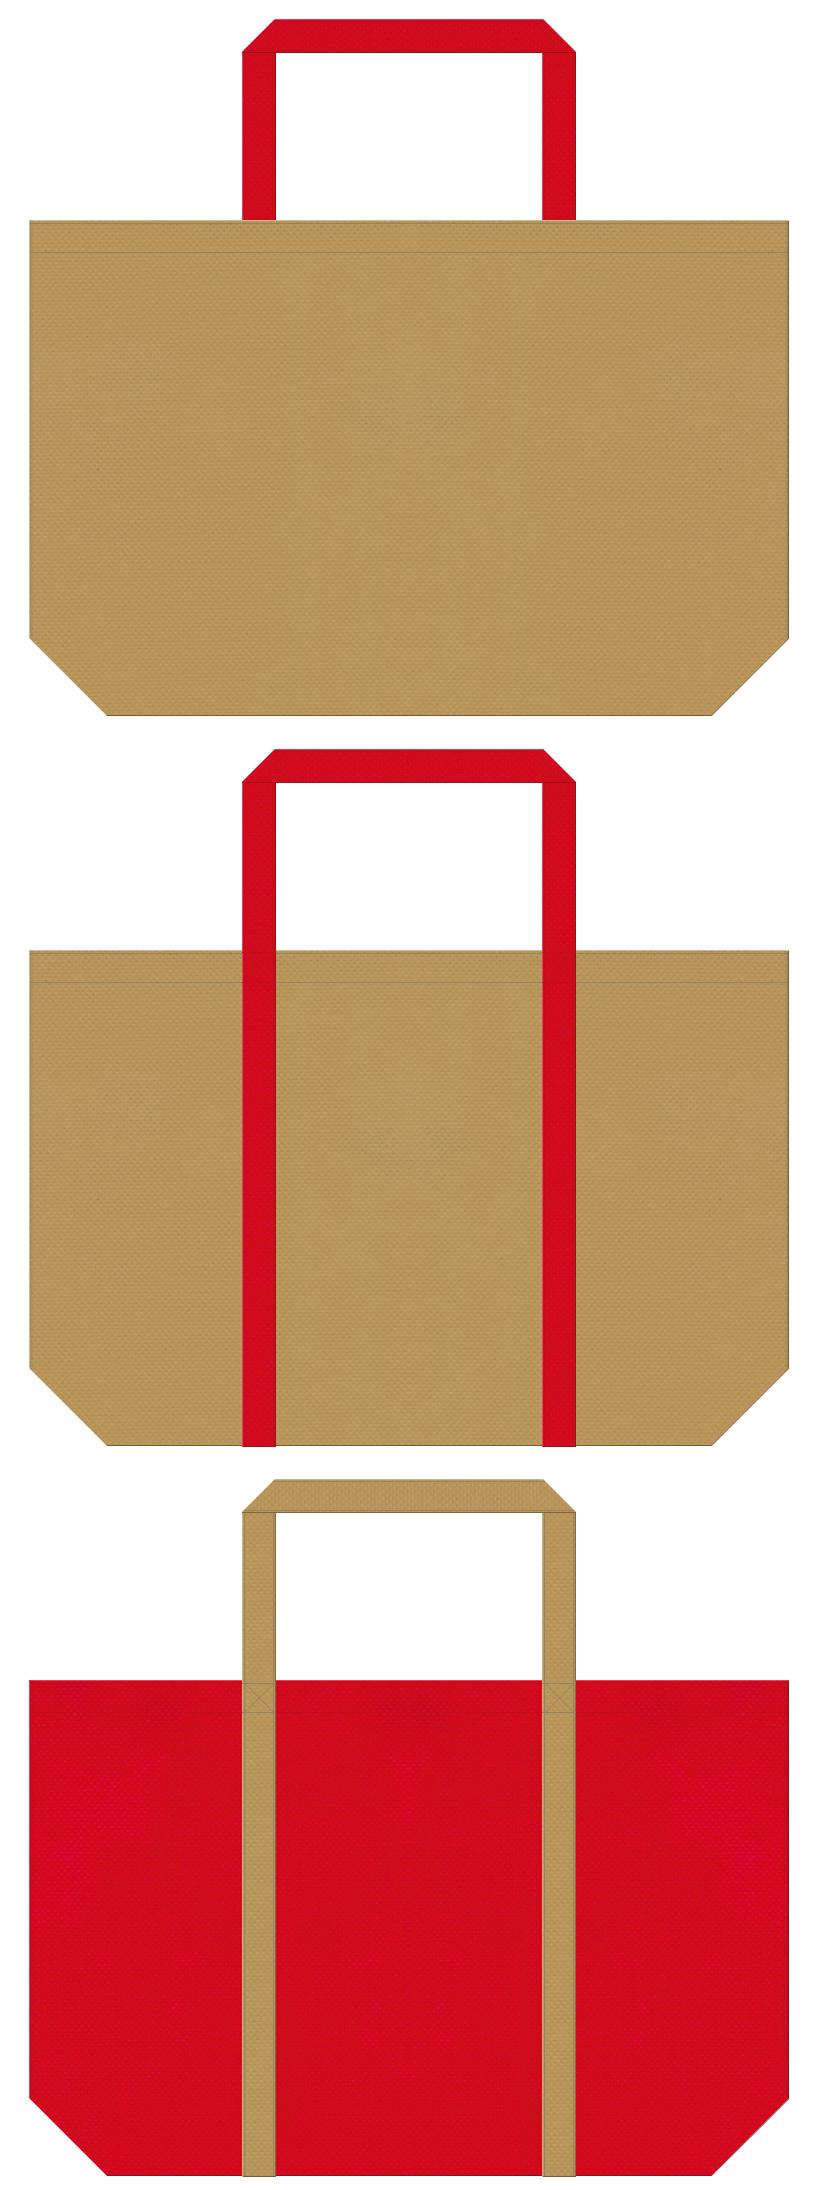 赤鬼・節分・大豆・一合枡・御輿・お祭り用品のショッピングバッグにお奨めの不織布バッグデザイン:マスタード色と紅色のコーデ